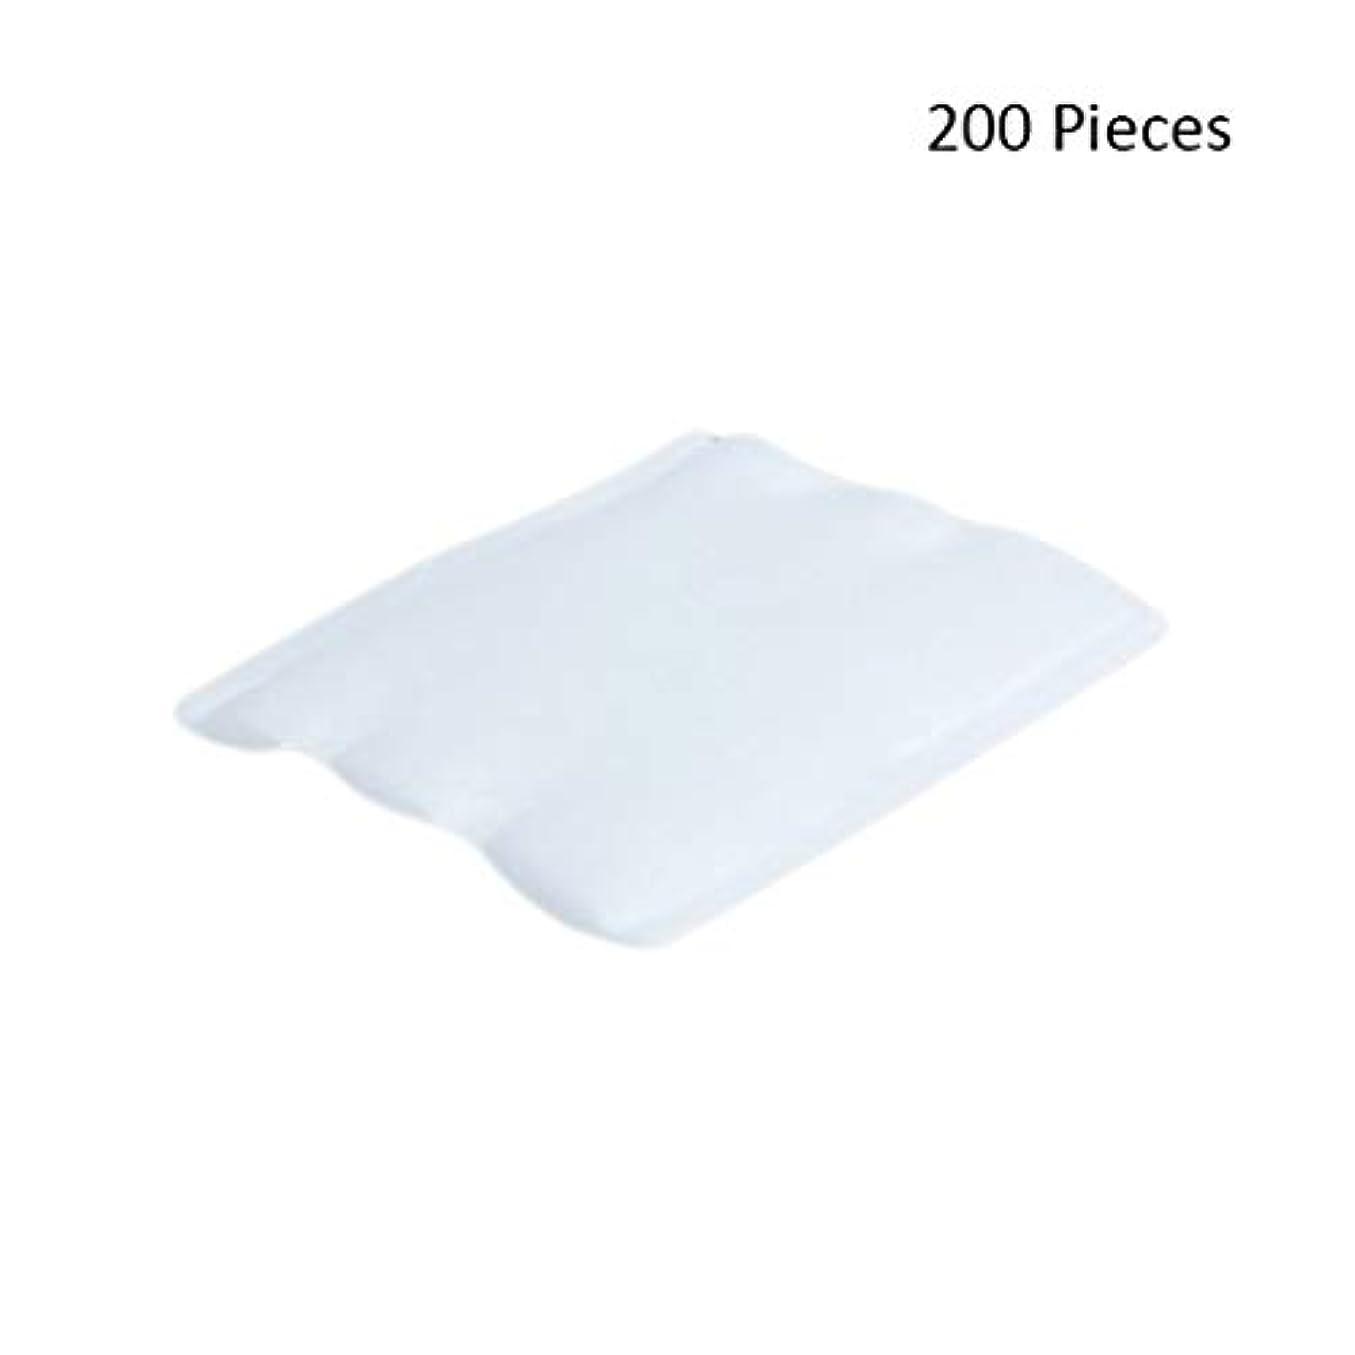 メディック犠牲管理化粧パッド 200ピースオーガニックコットンパッドフェイシャルカットクレンジングメイクアップパフ化粧品メイクアップリムーバーワイプスキンフェイスウォッシュコットンパッド メイク落とし化粧パッド (Color : White...